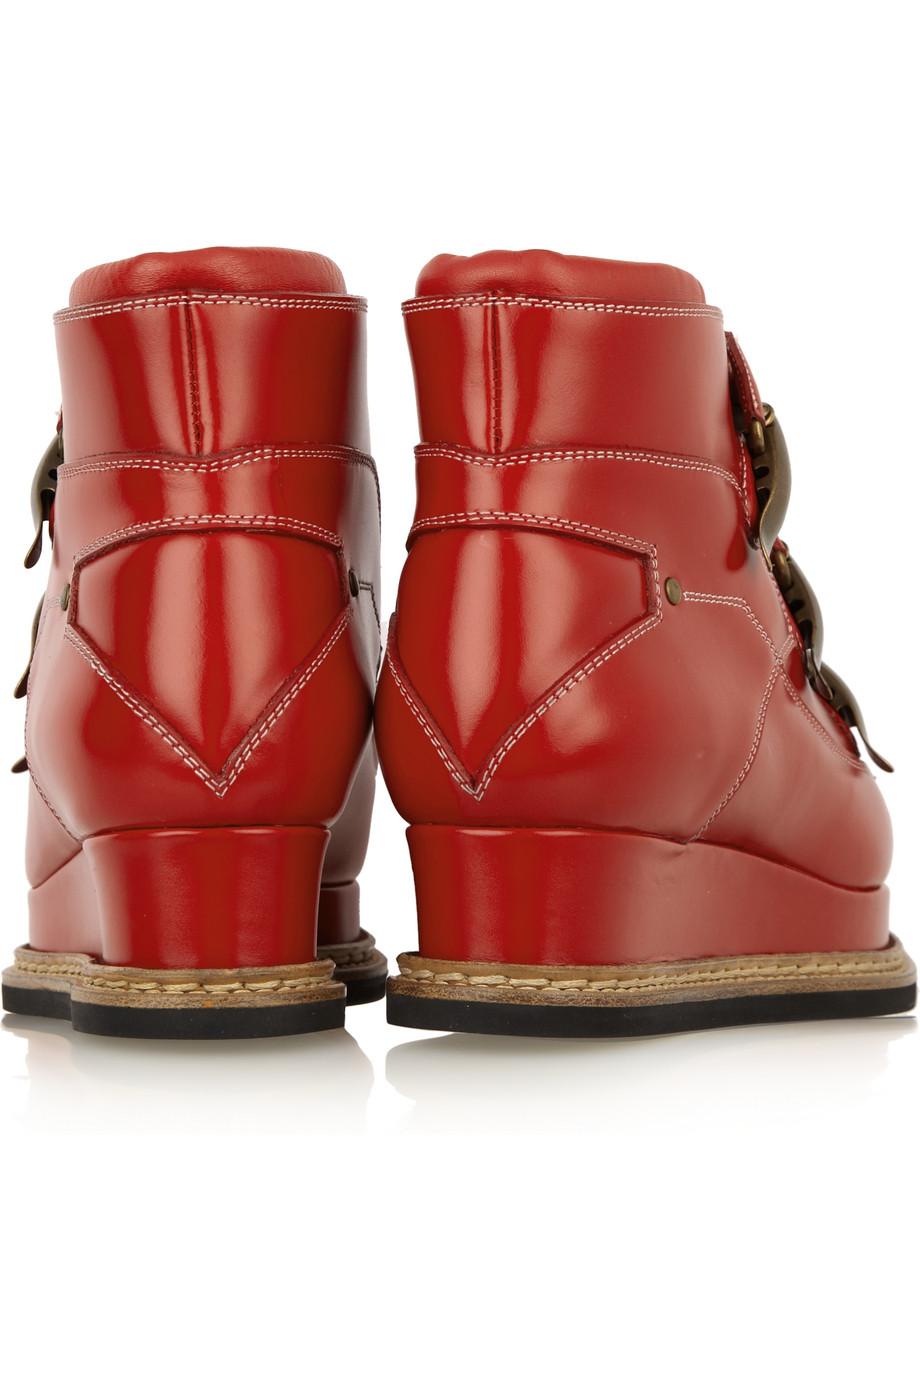 Jil Sander Platform Leather Ankle Boots in Red